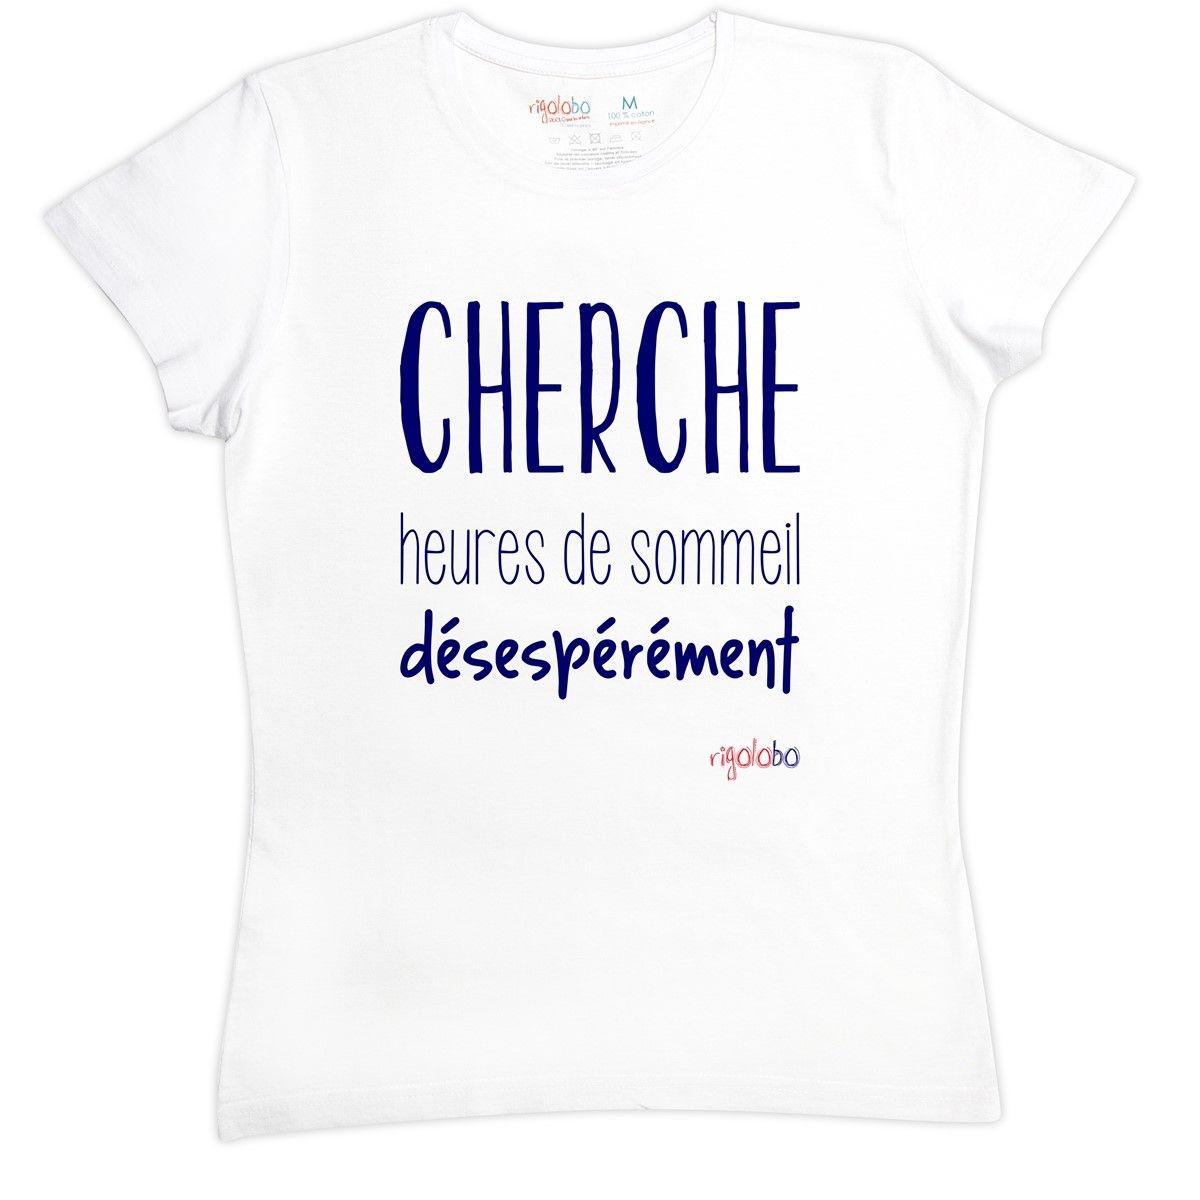 T-shirt femme en coton CHERCHE heures de sommeil désepérément